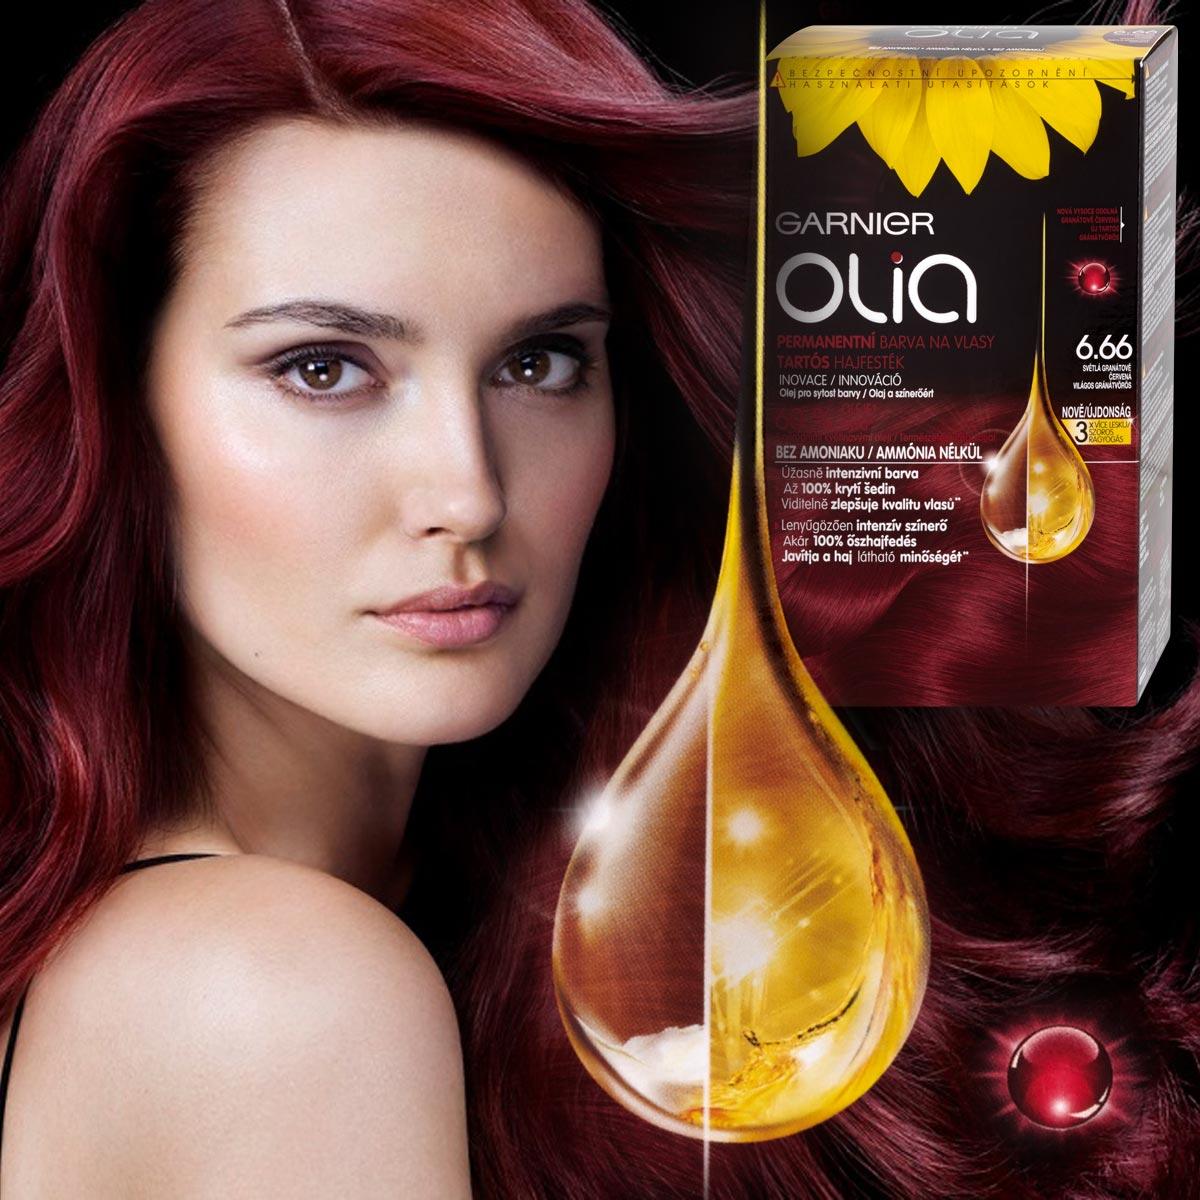 Farby Olia Garnier majú nový odtieň – je ním nádherná karmínová farba, ktorá tak rozširuje portfólio odtieňov pre milovníčky červených vlasov.